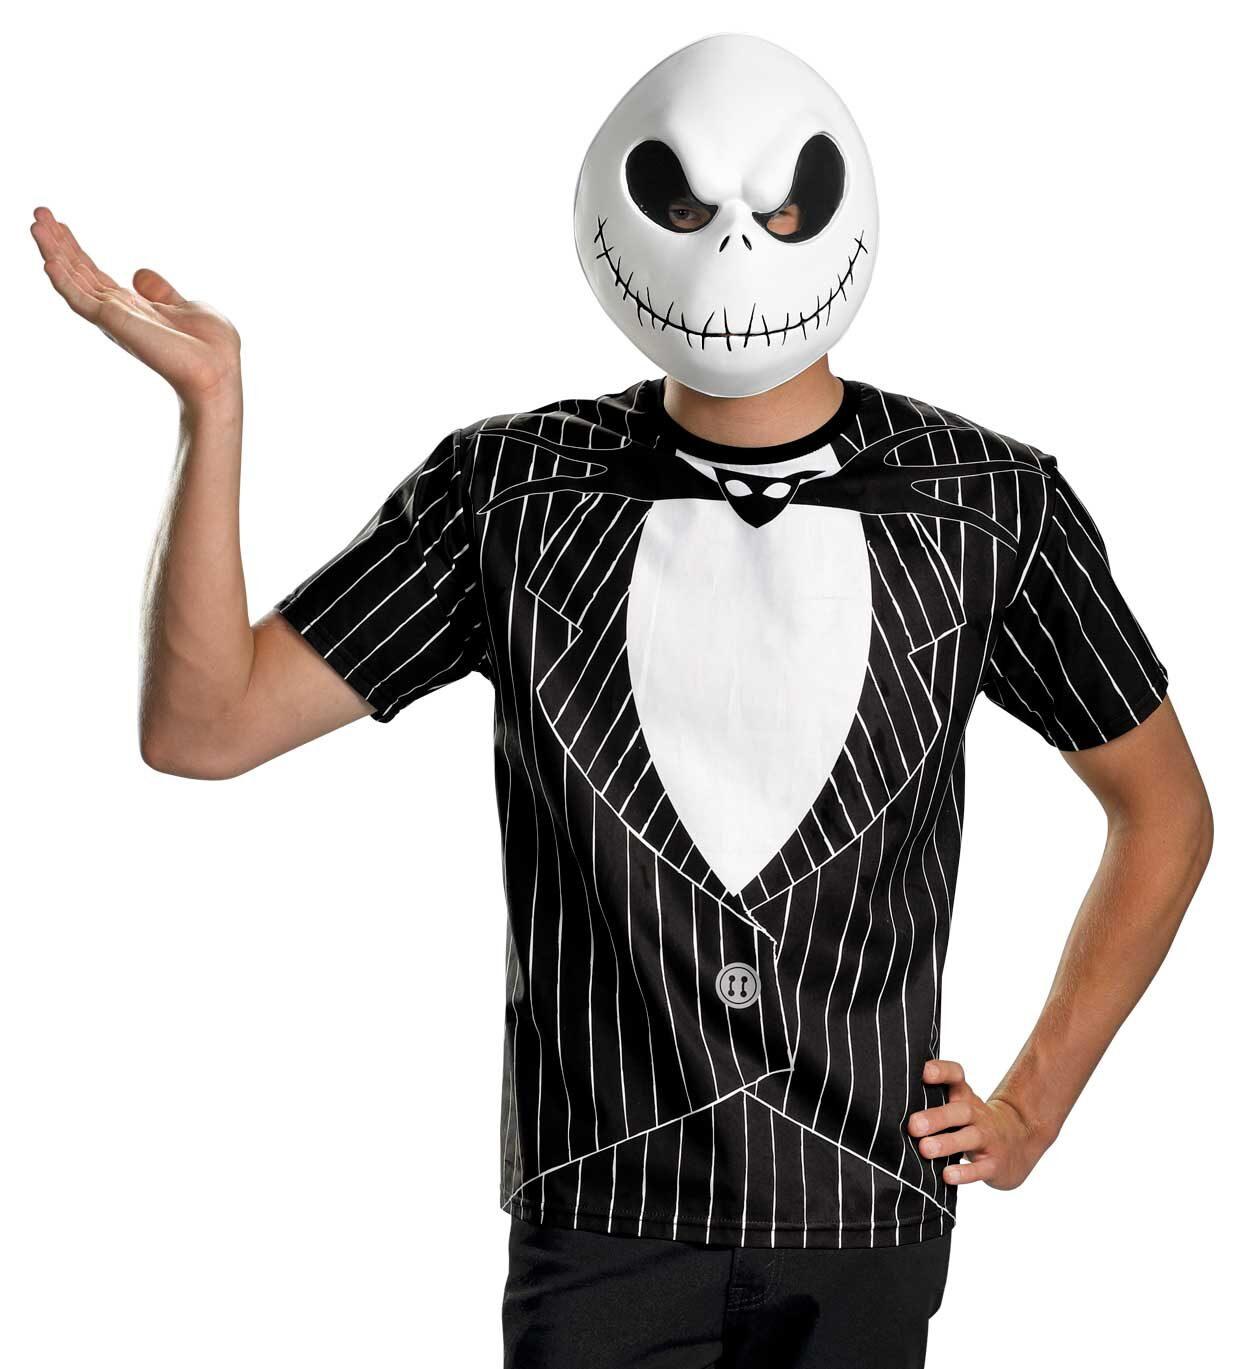 Adult jack skellington costume theme, will